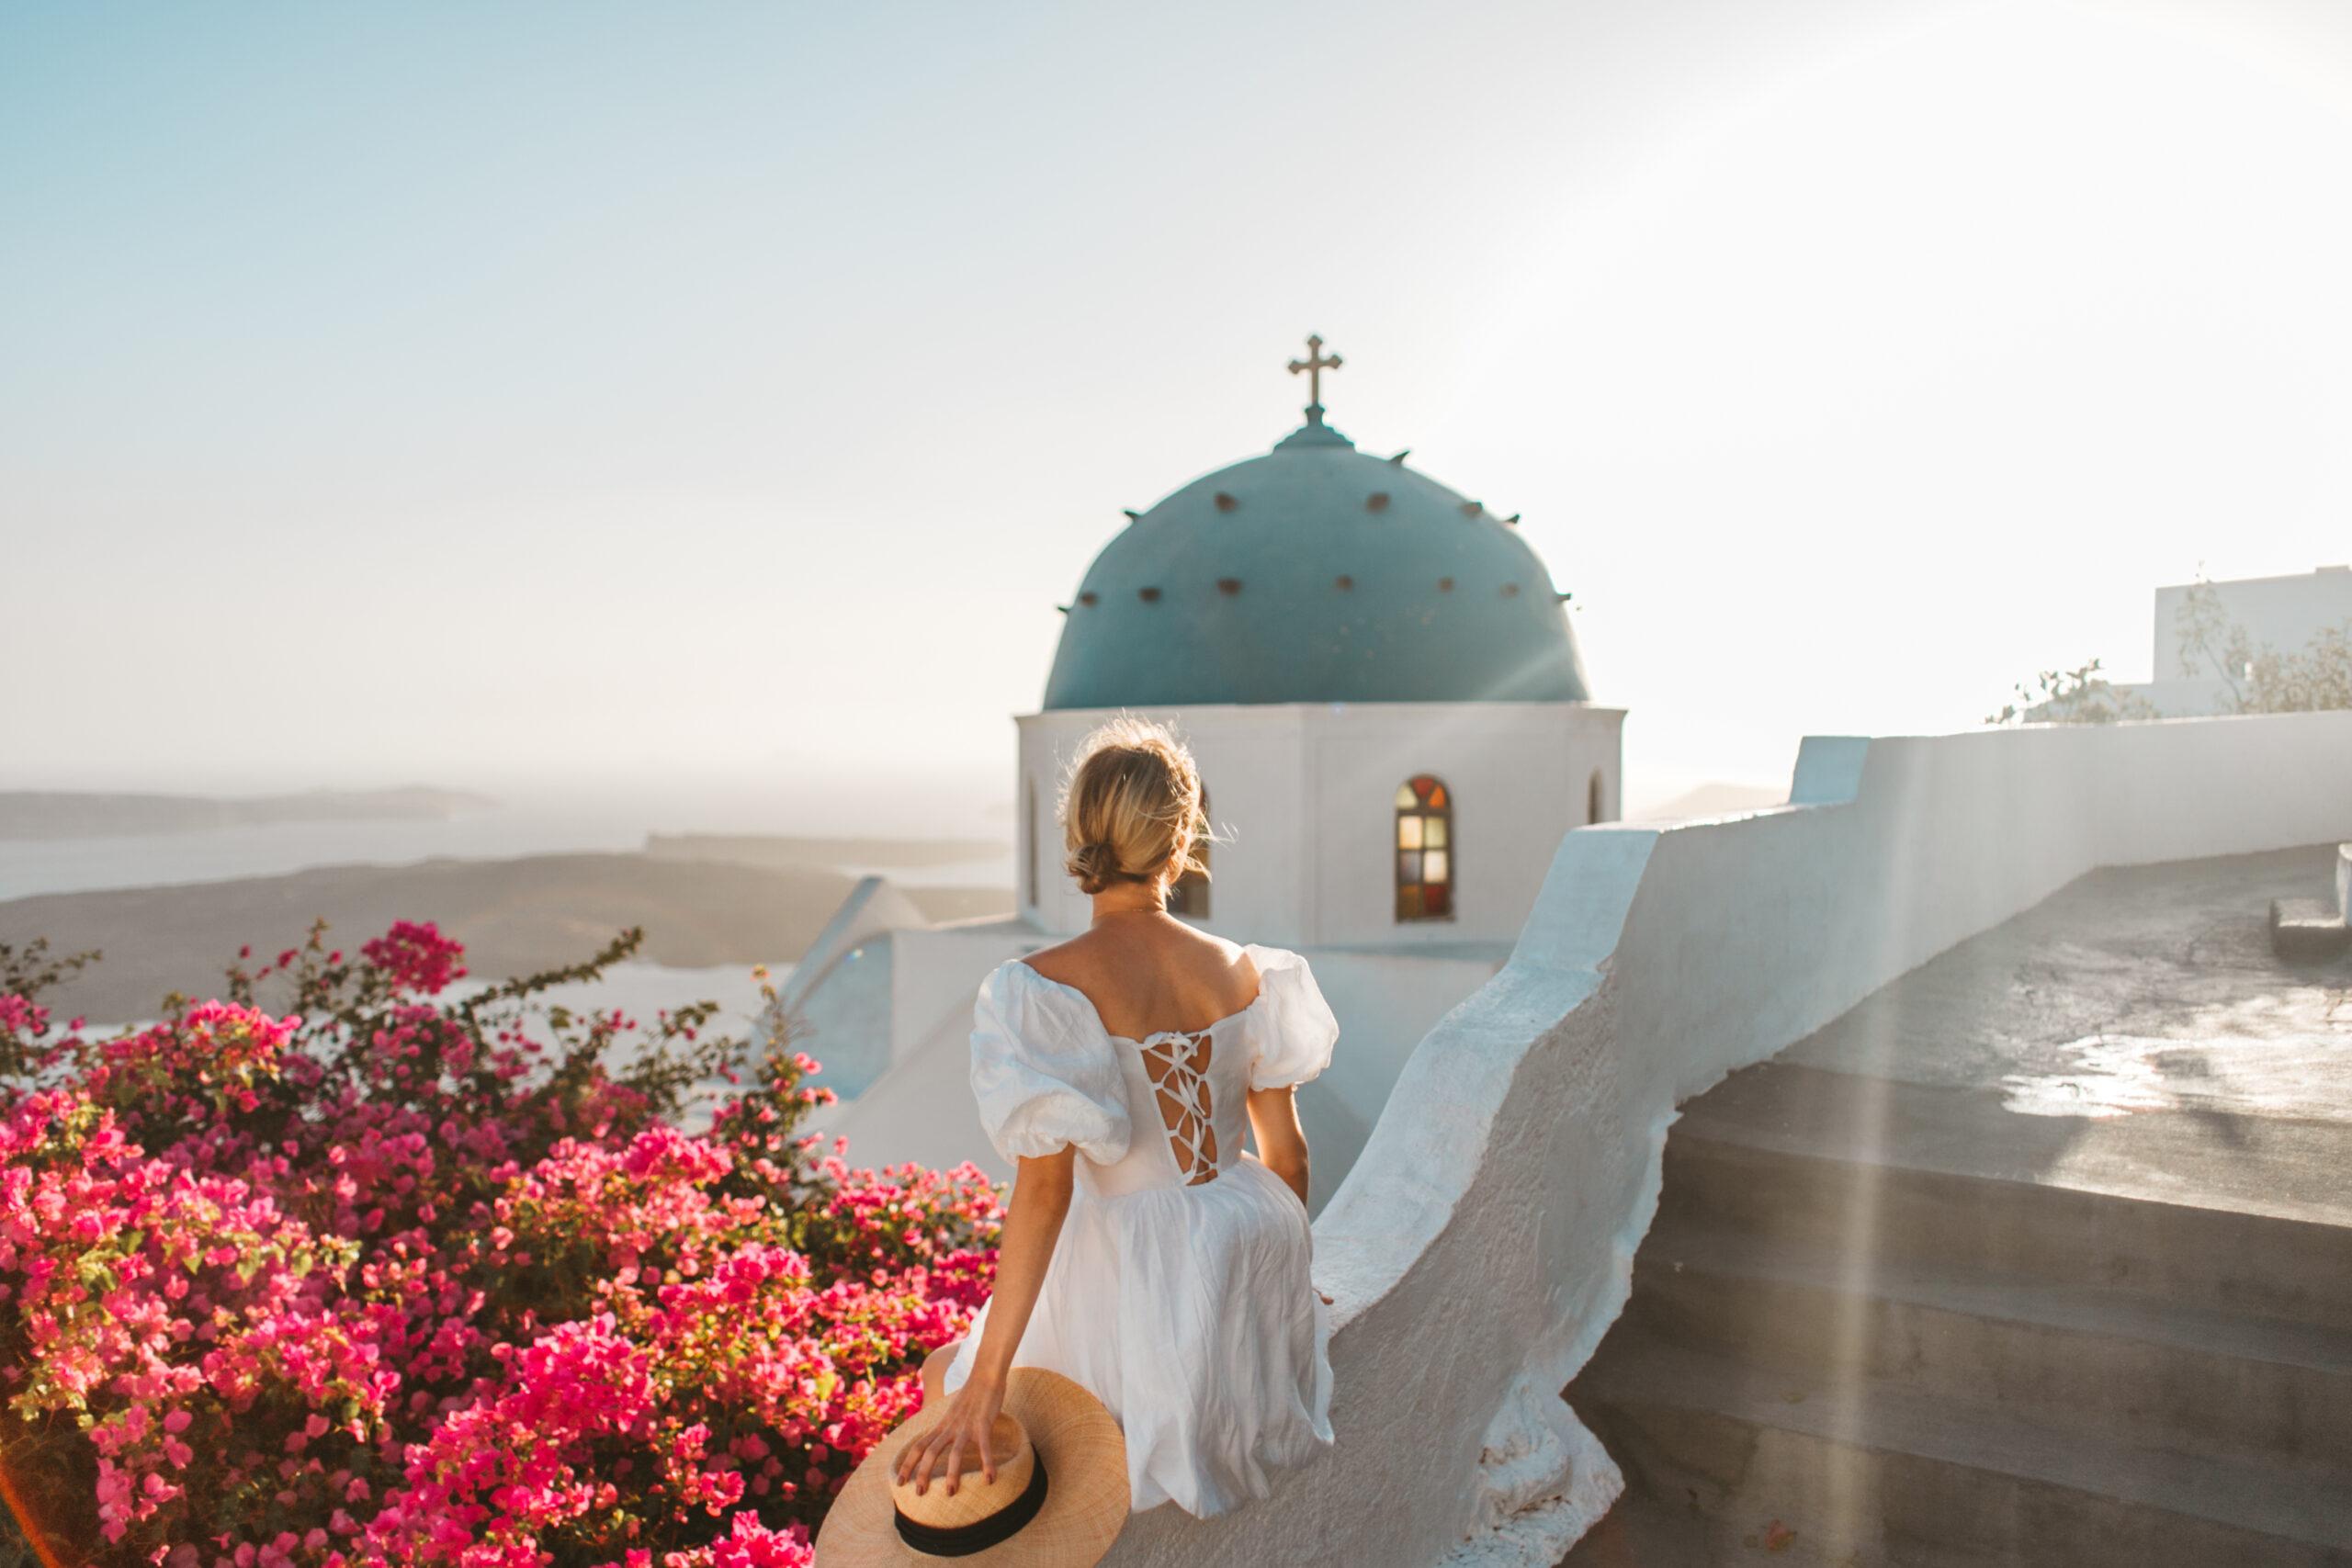 Santorini czy warto, Imerovigli, co zobaczyć Santorini, niebieska kopuła, kościół, blogerka podróżnicza